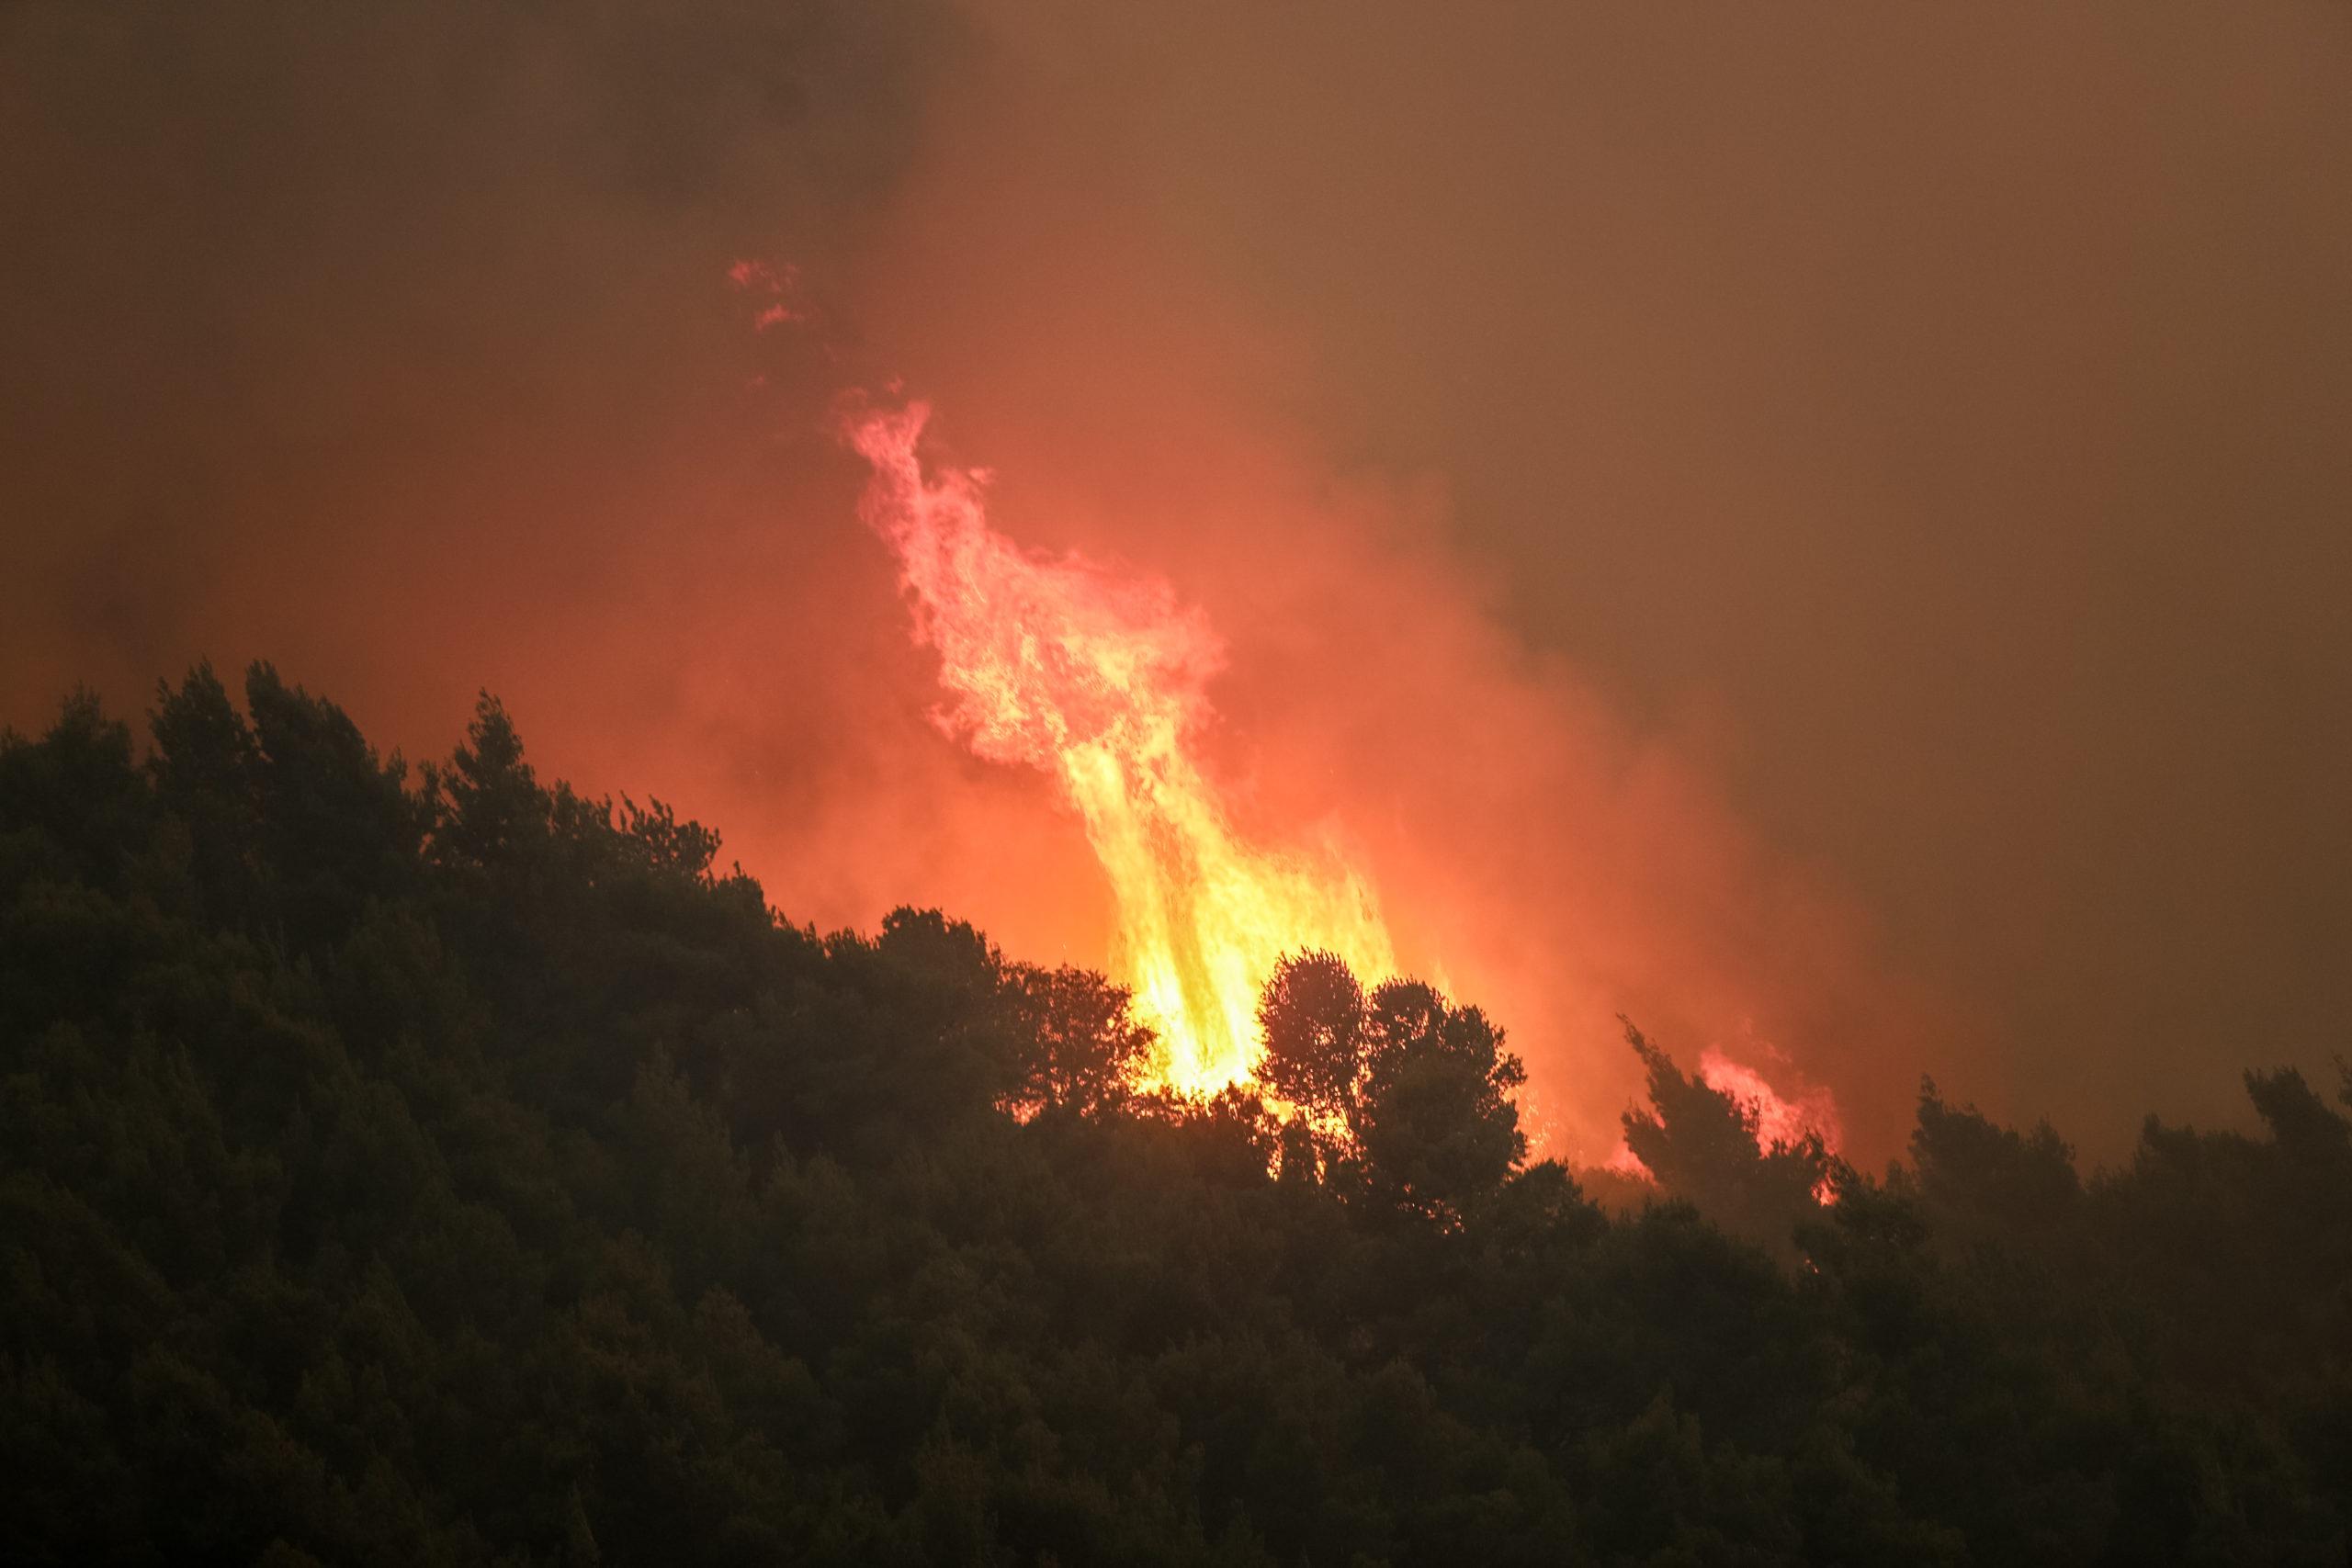 Κερδύλια Σερρών: Μάχη με τις φλόγες για την κατάσβεση μεγάλης πυρκαγιάς